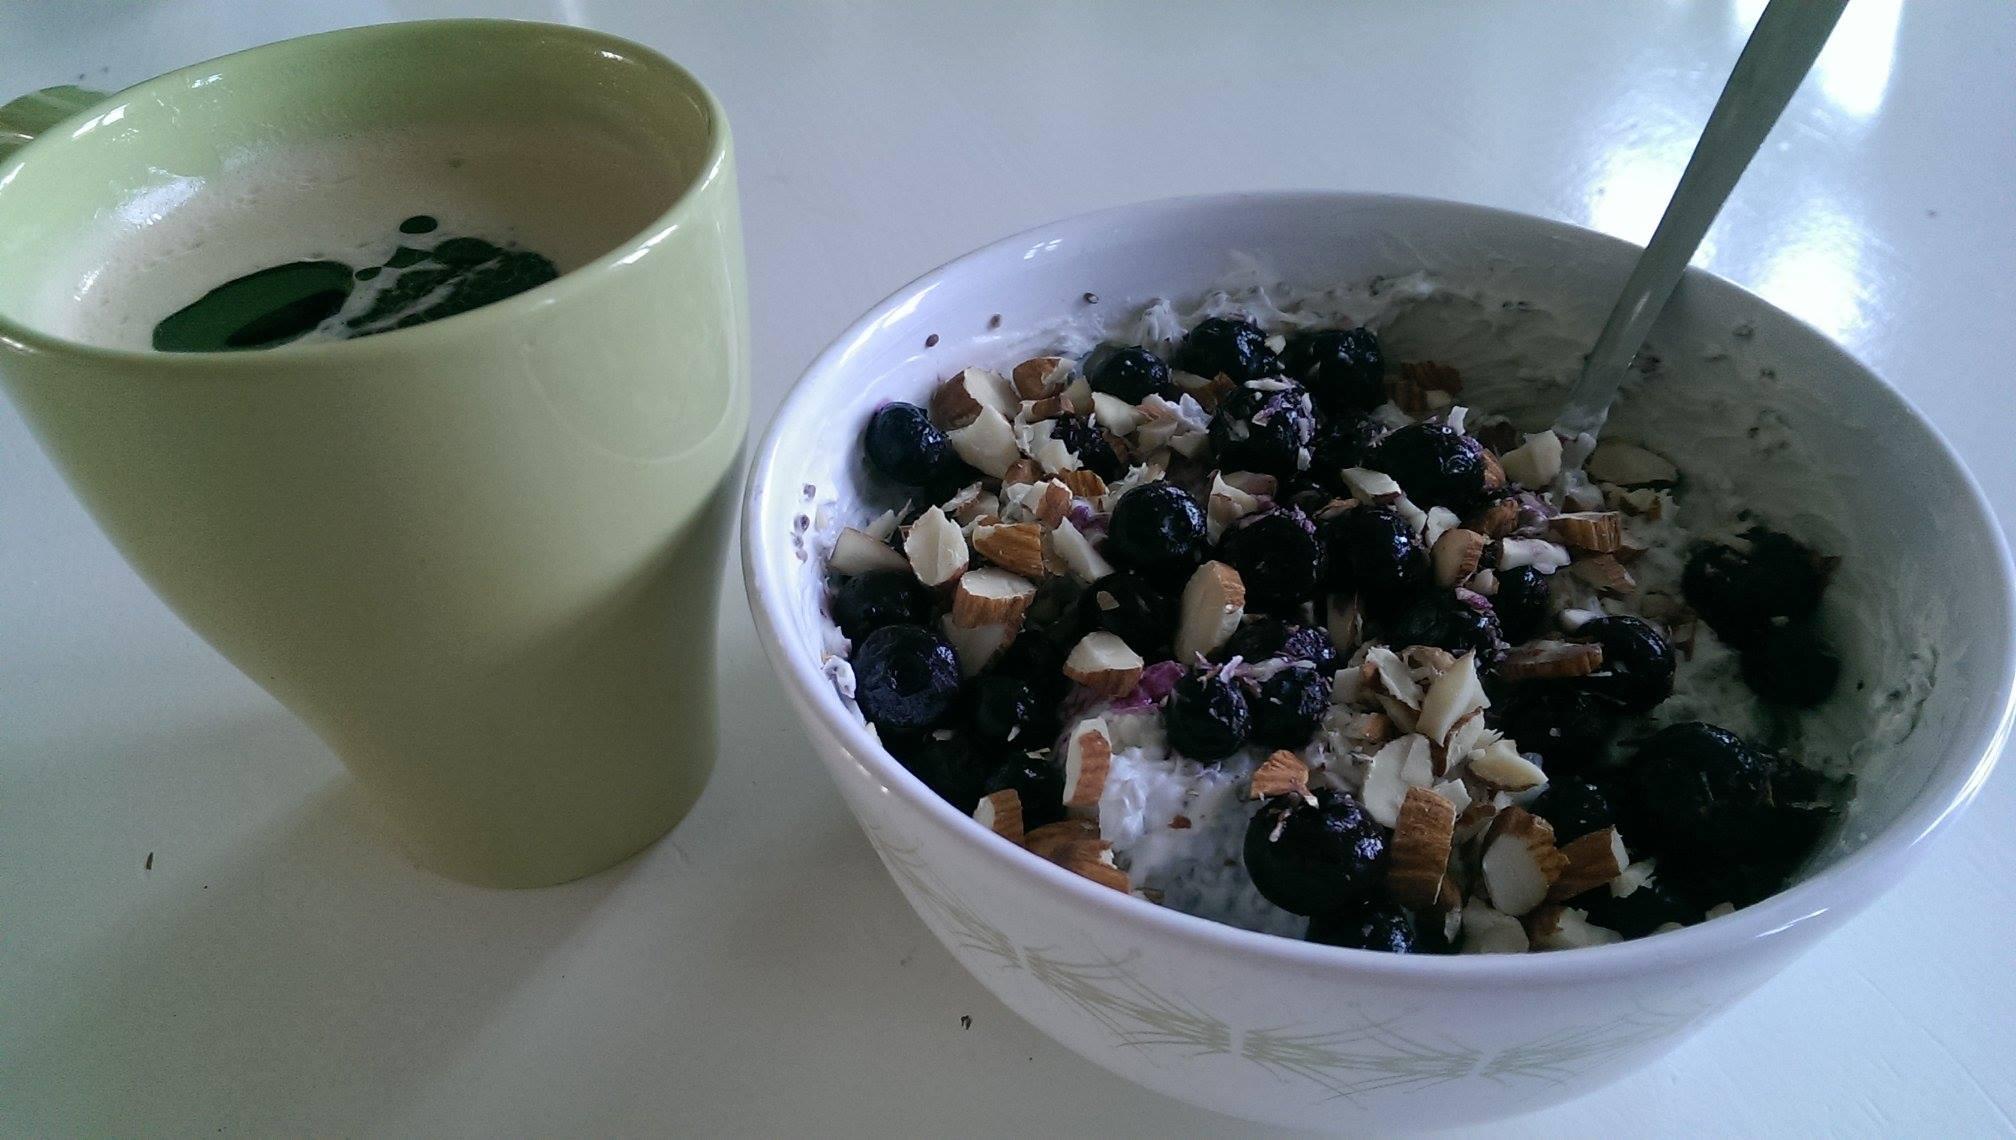 Chiagrød og kaffe med kokosolie er et godt og mættende morgenmåltid.